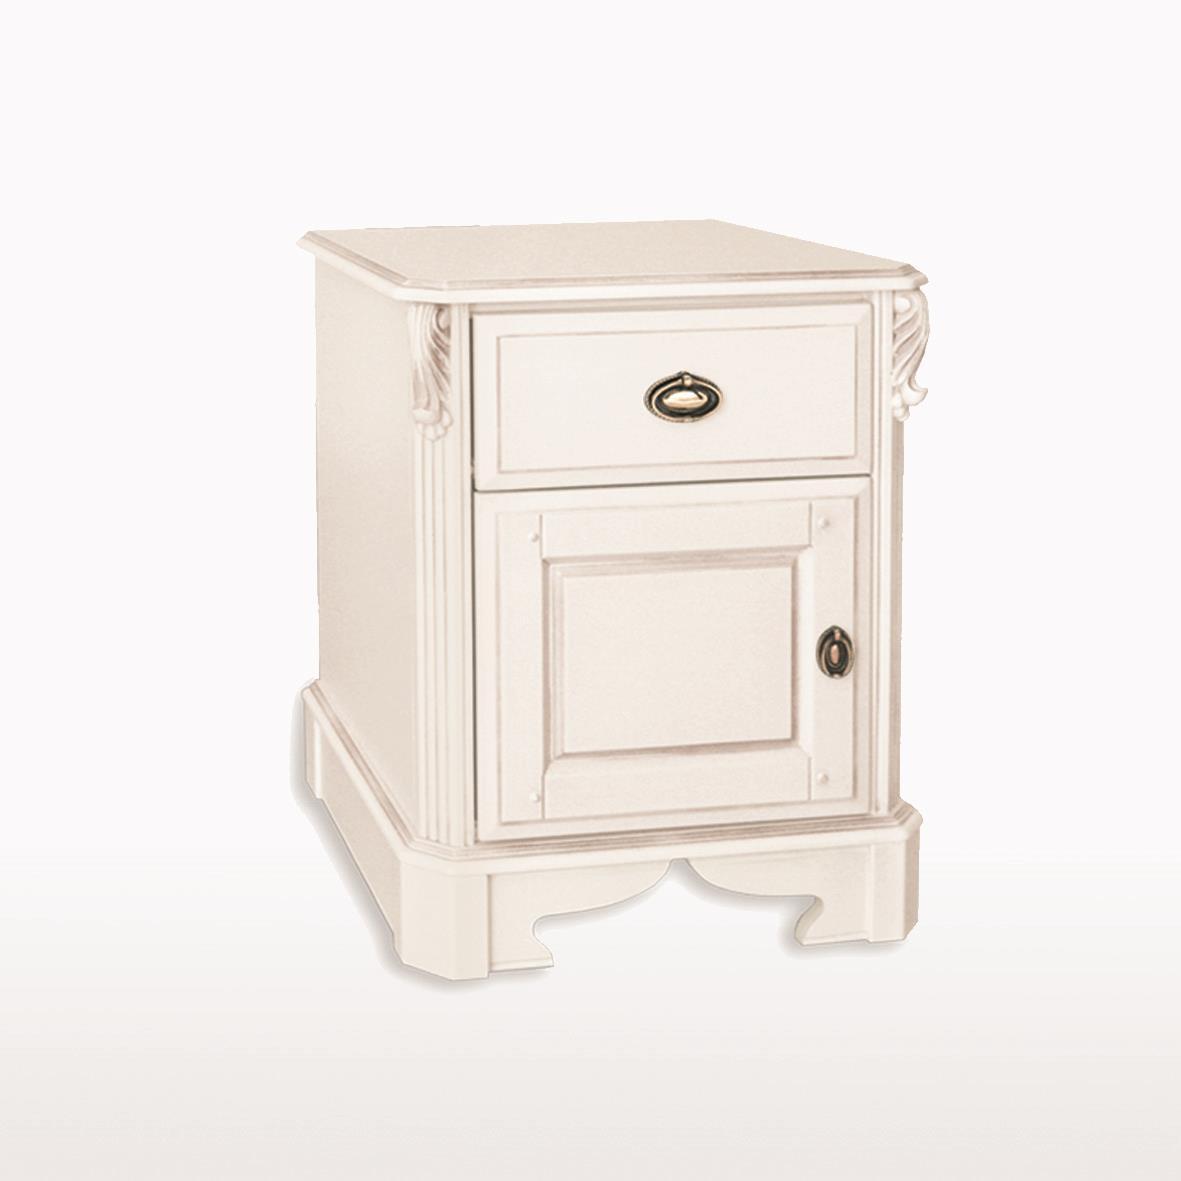 Amore' - Large 1 Drawer / 1 Door Bedside Cabinet - ABJ212